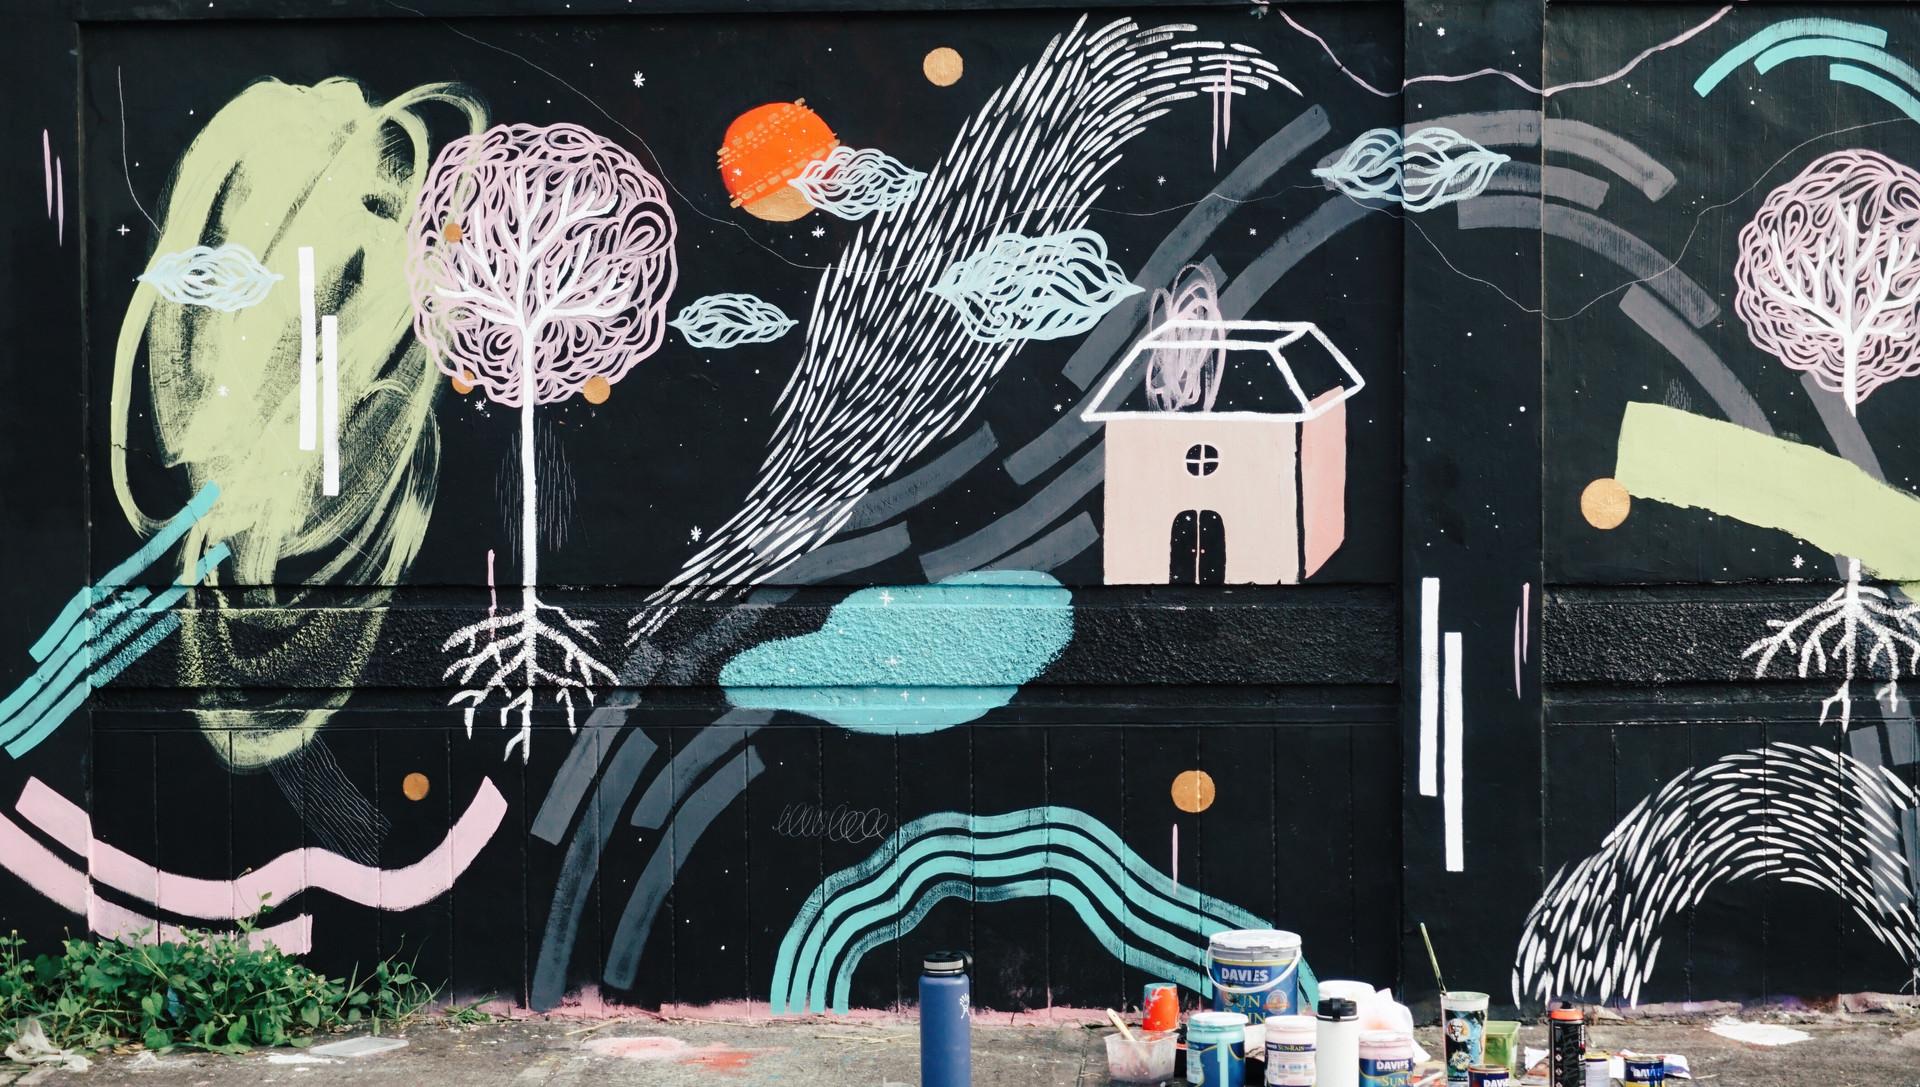 Mural 1: Anna x Yana x Ana